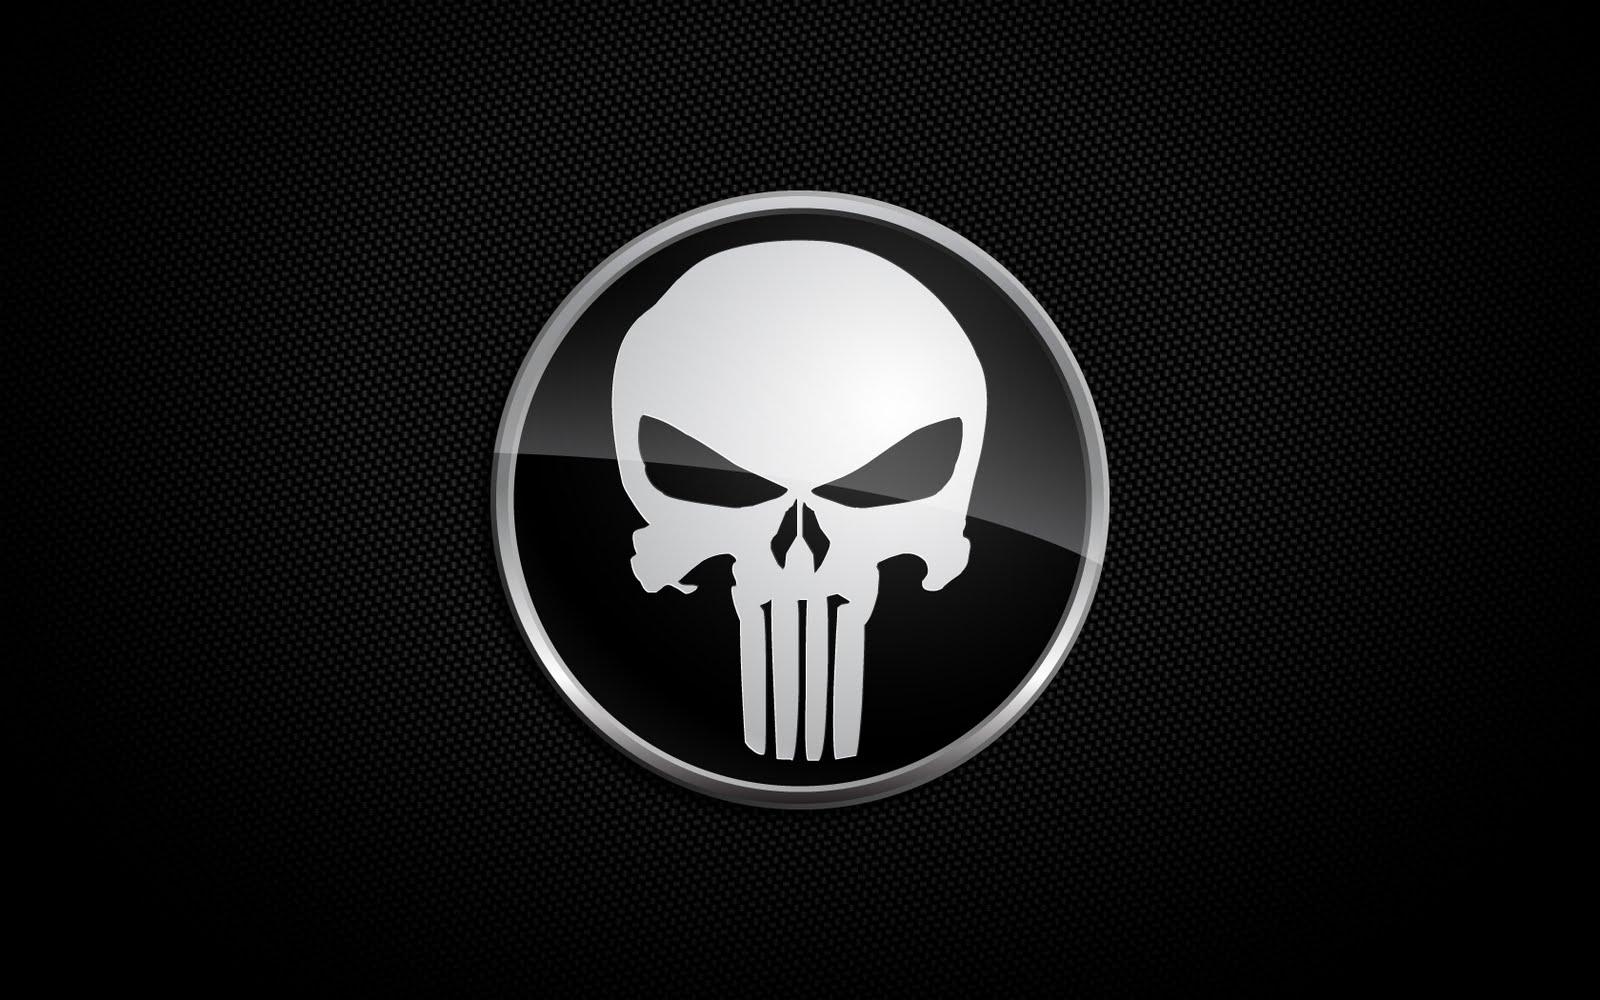 http://1.bp.blogspot.com/-AuIAoFkbk4A/Thyfiq903AI/AAAAAAAAIDU/yE9tJXC83nc/s1600/punisher+skull+wallpaper-2.jpg